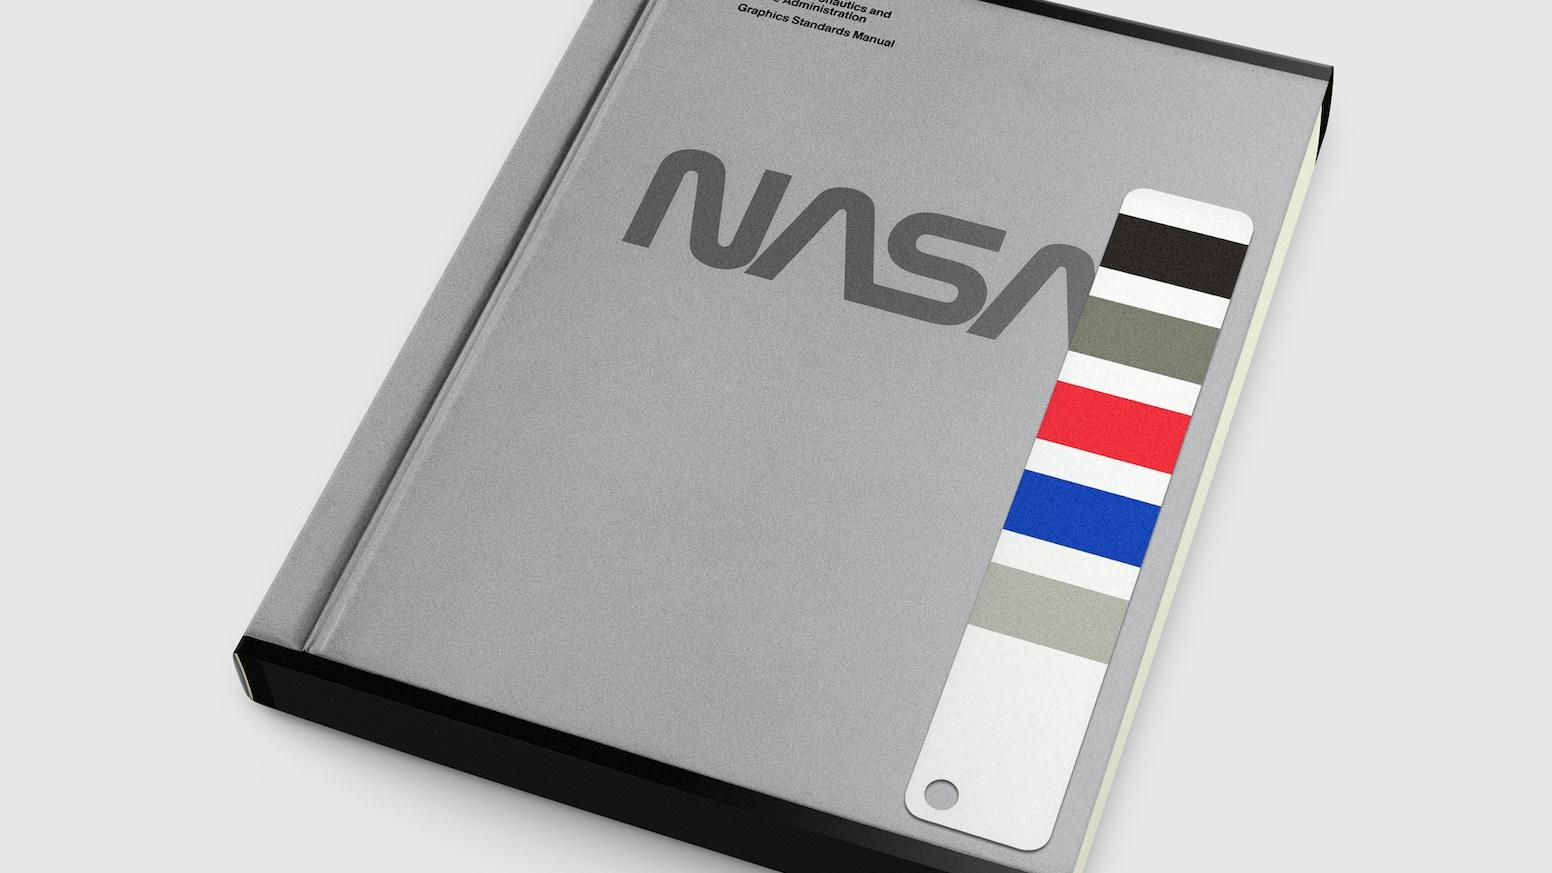 Réédition et traduction française de la norme graphique conçue par Danne & Blackburn pour le redesign de la NASA en 1975.